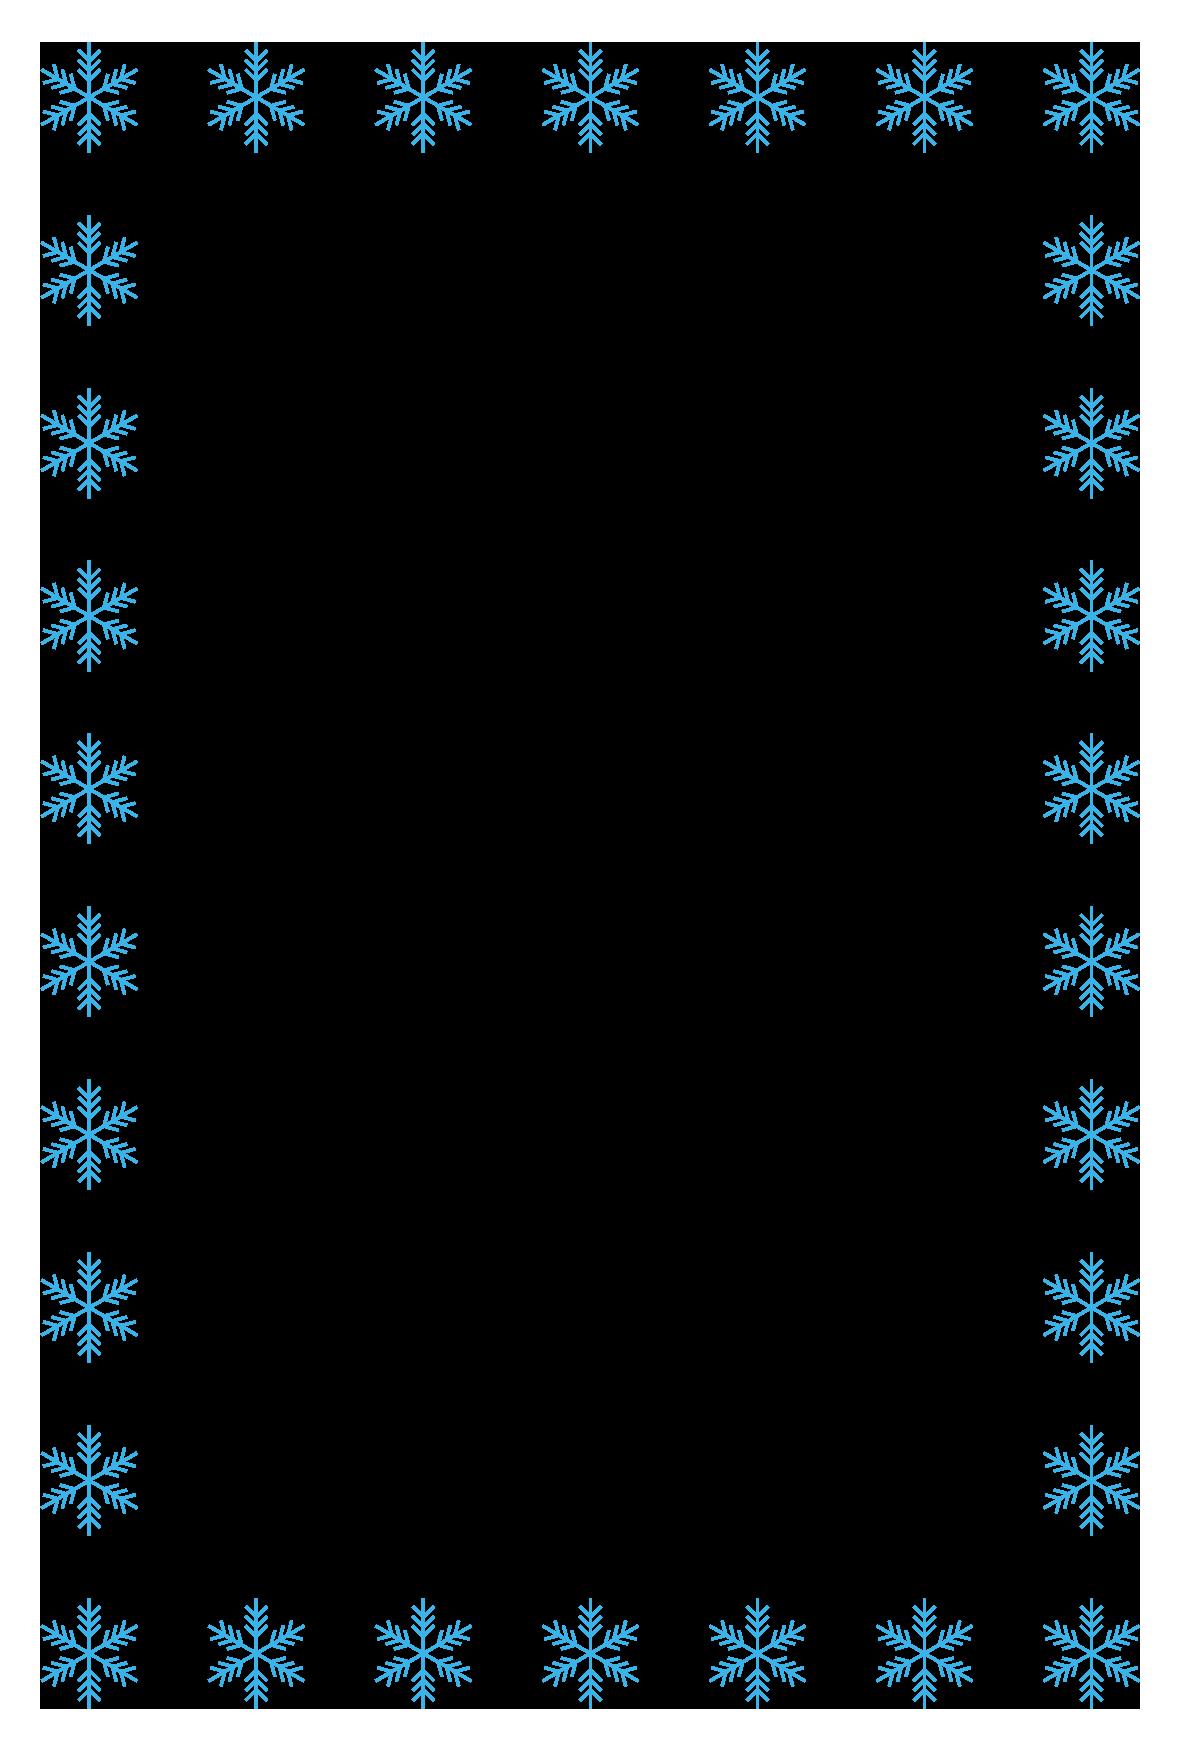 冬雪の結晶のシンプル枠イラスト 縦 無料 イラストk